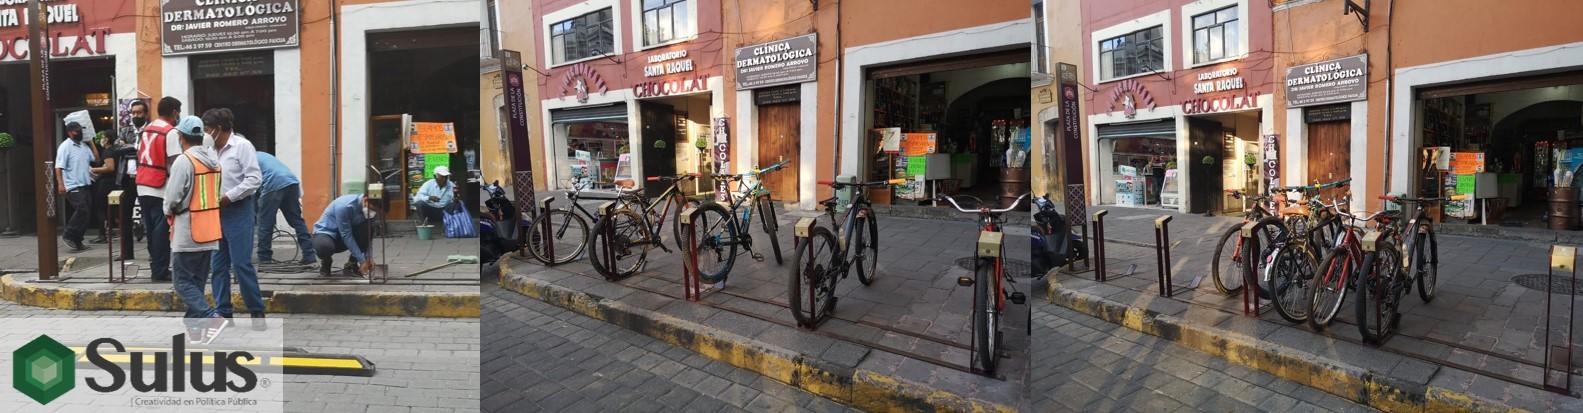 ciclovía-San Francisco-Tlaxcala